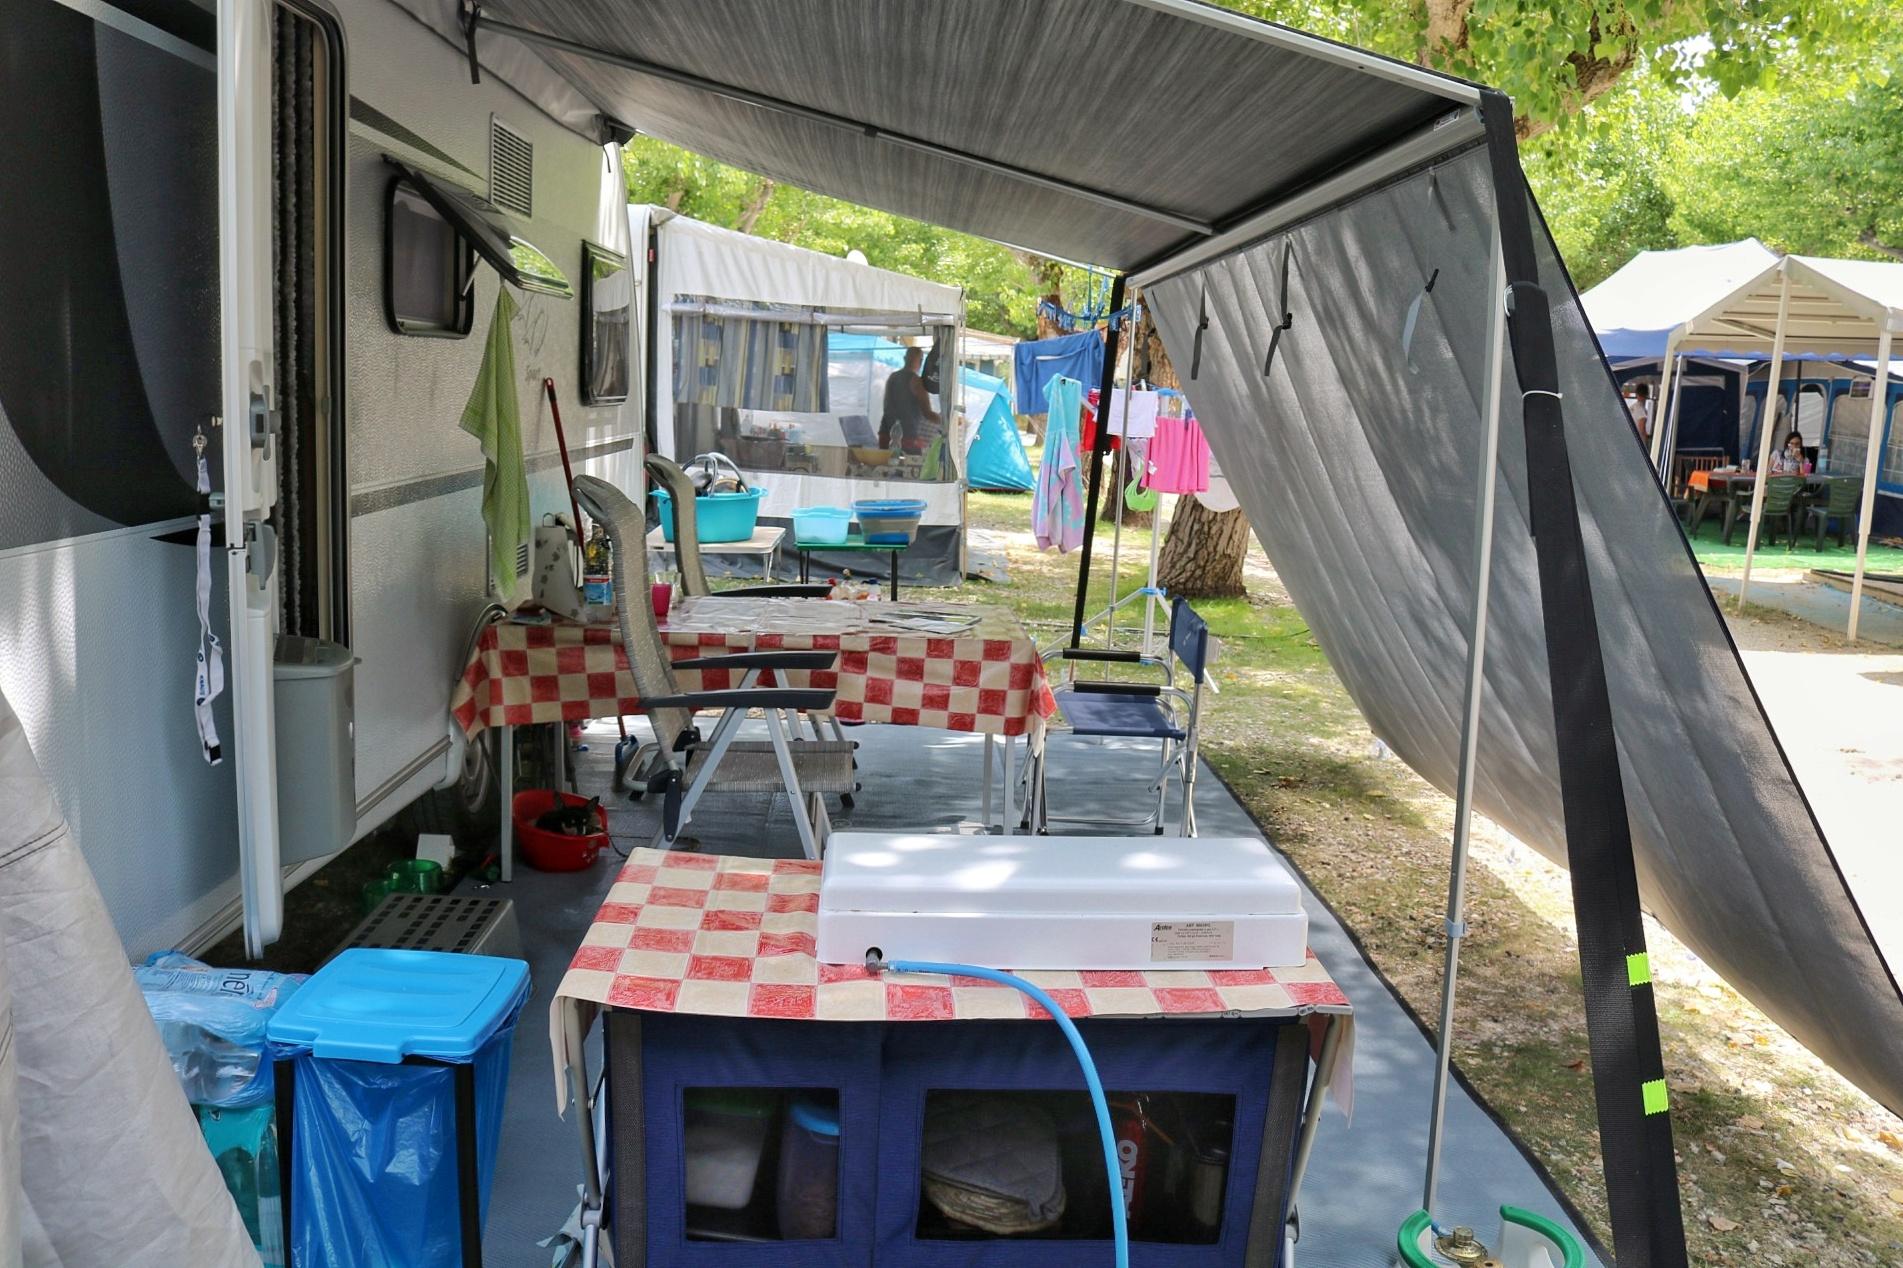 Attrezzatura per campeggio cosa portare per una vacanza lunga - Cosa portare in vacanza per i bambini ...